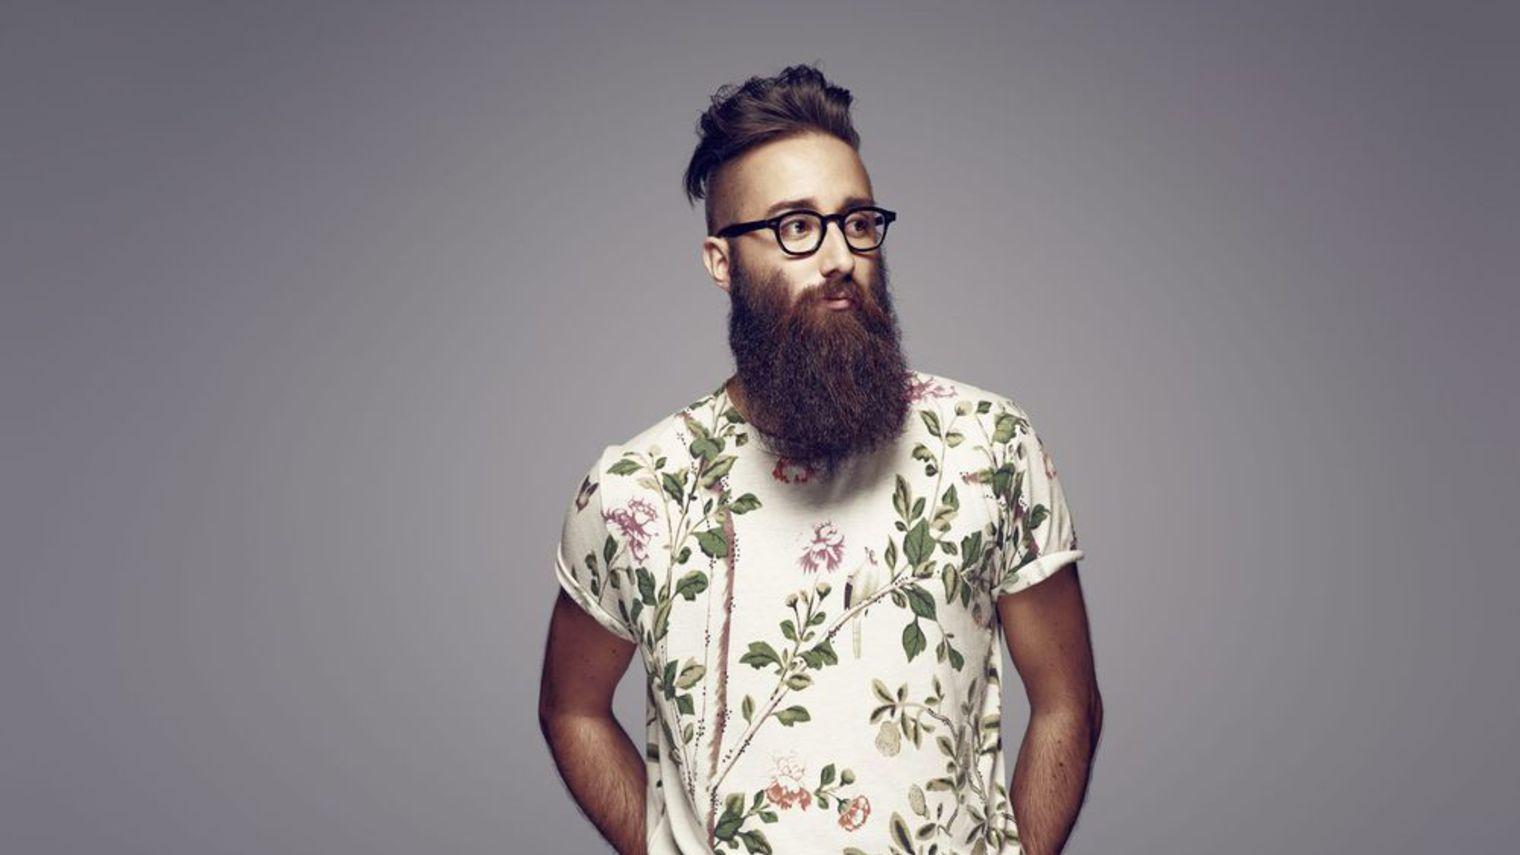 Hipster homme le look le plus tendance de la saison - Look hipster homme ...